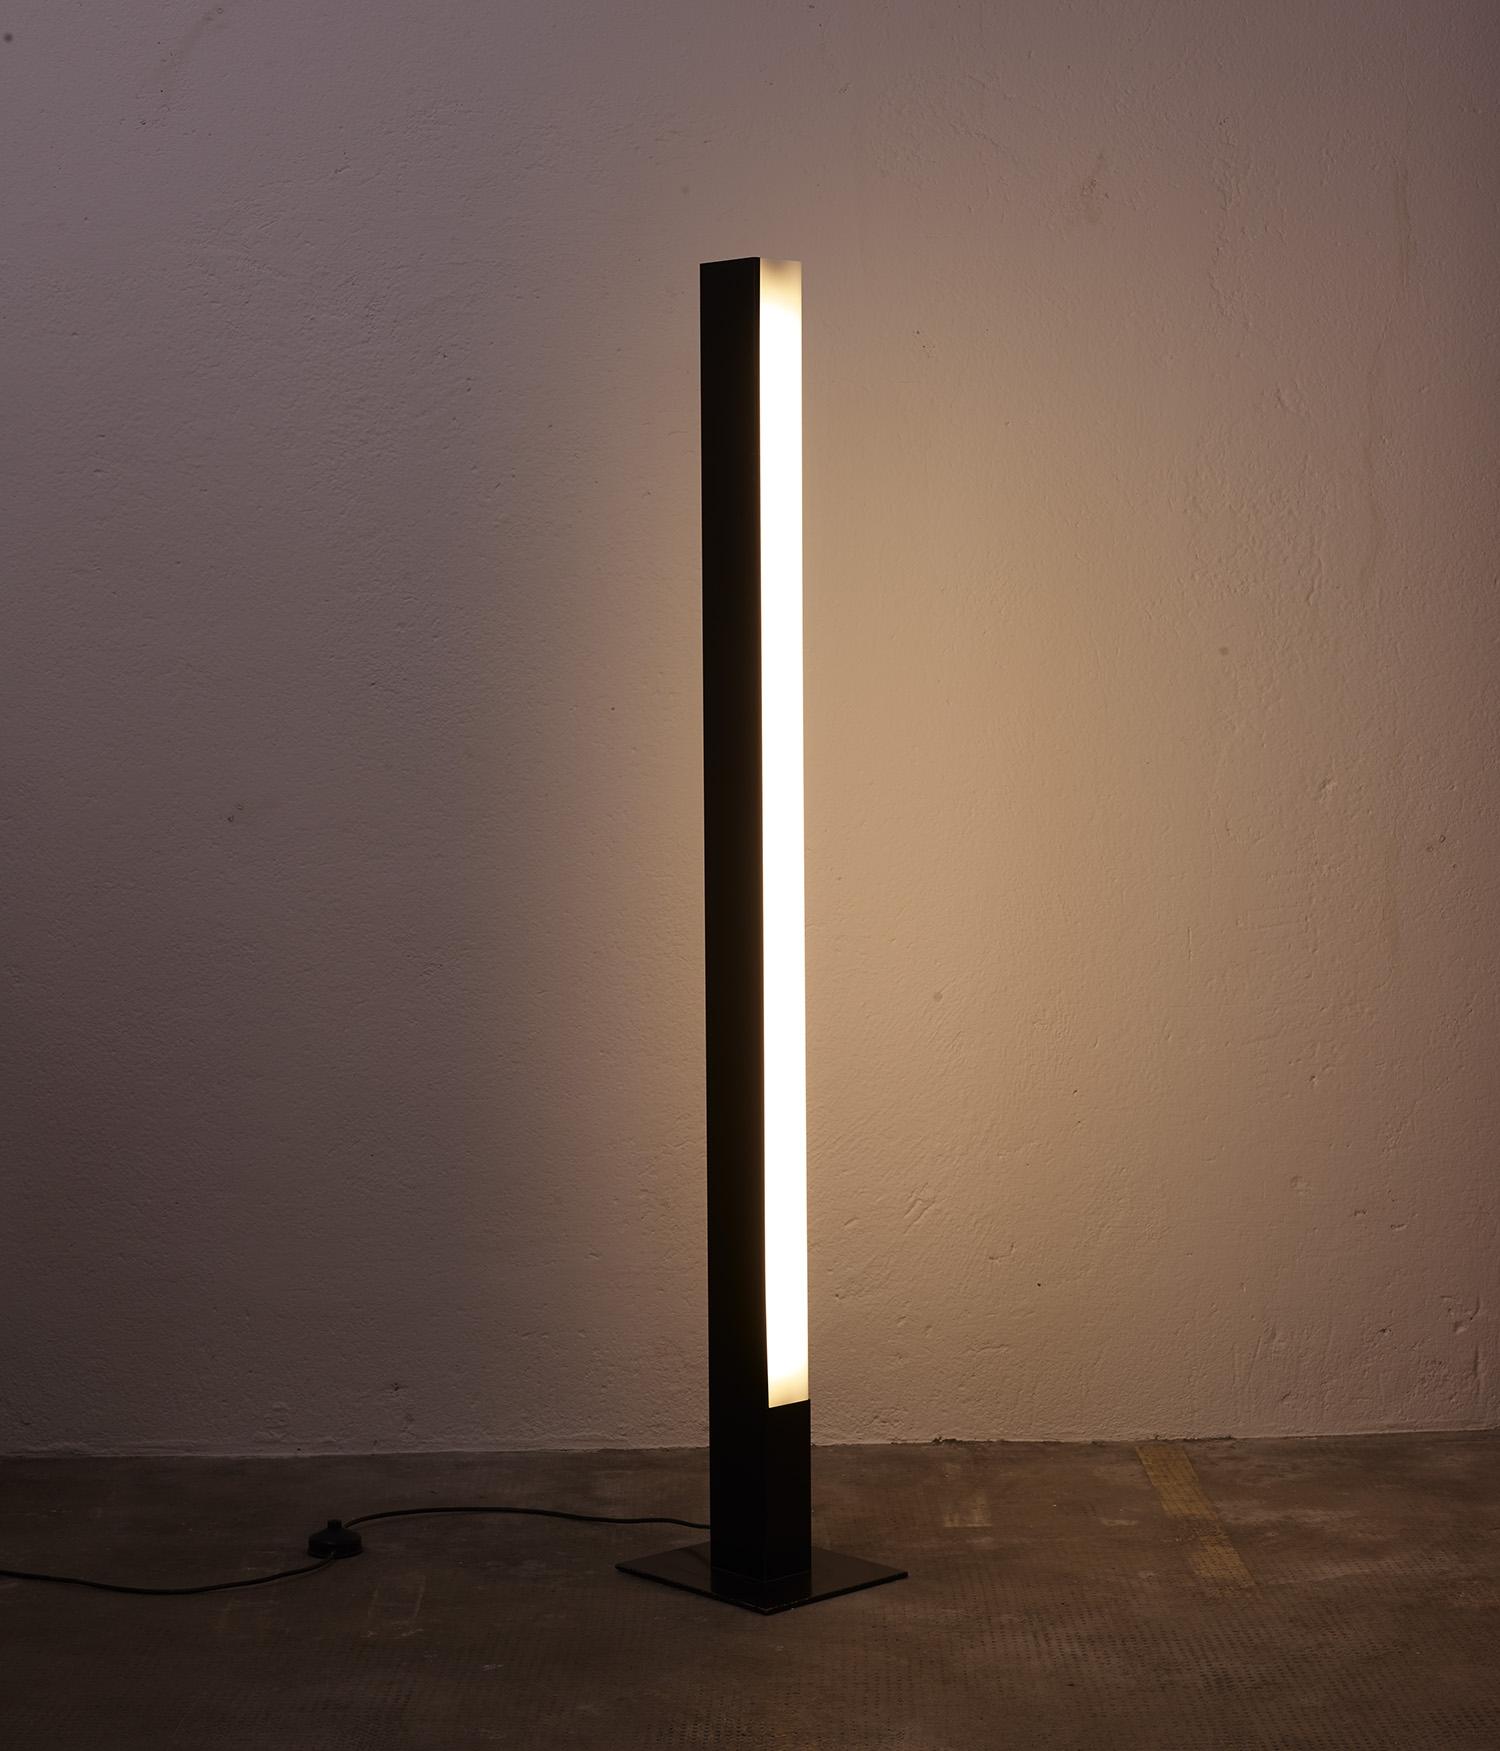 lampe-de-sol-bag-turgi-1960-image-02